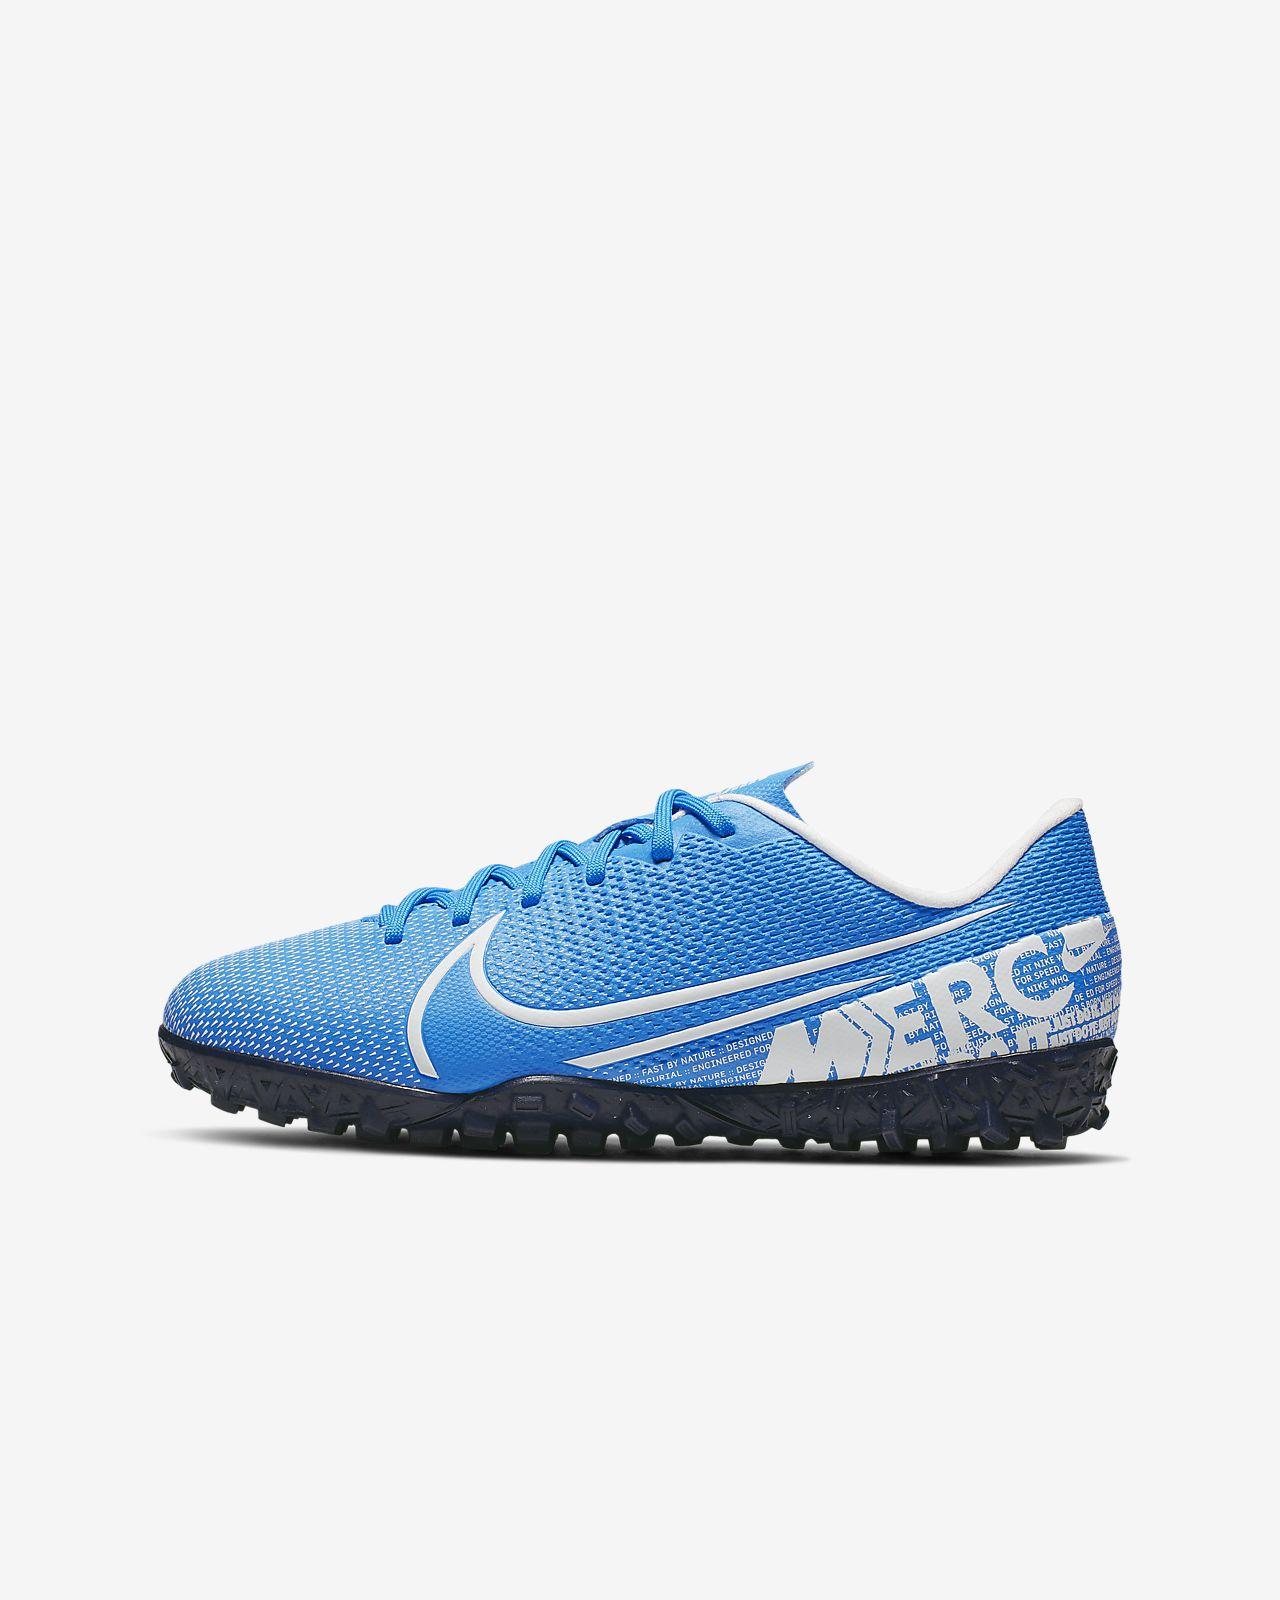 Nike Jr. Mercurial Vapor 13 Academy TF Botas de fútbol para moqueta - Turf artificial - Niño/a y niño/a pequeño/a